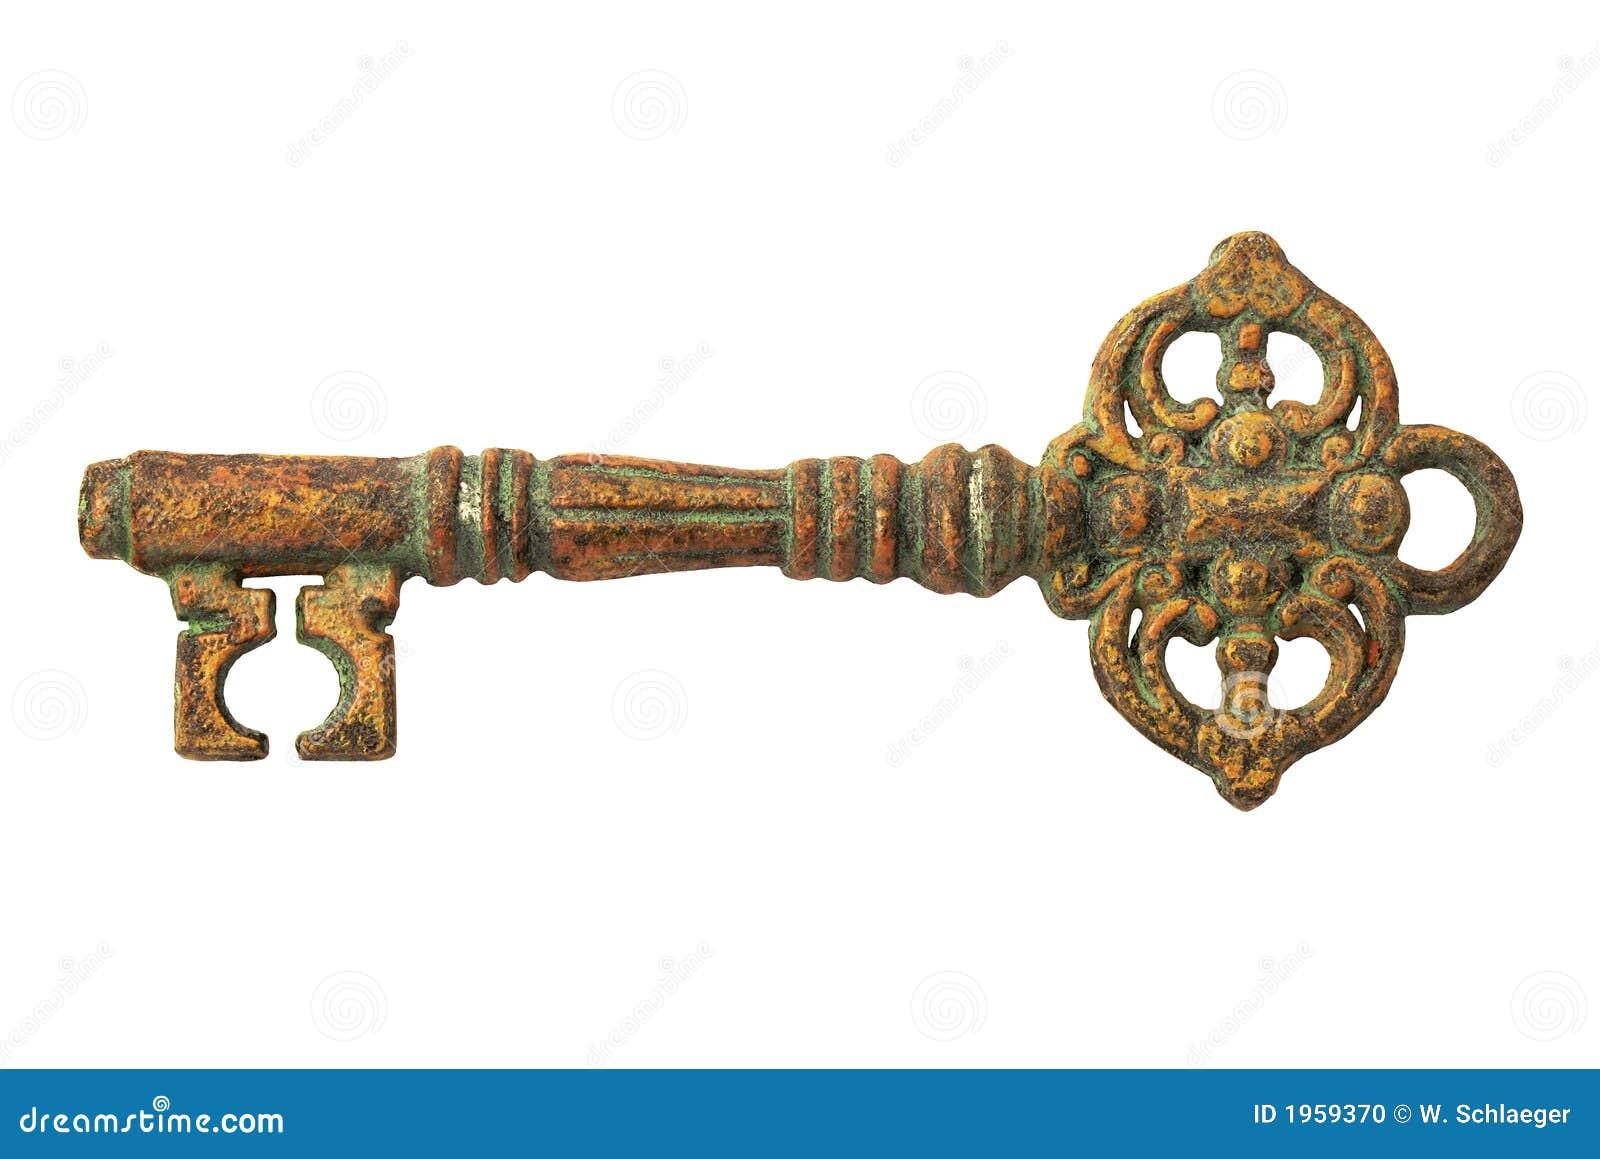 Vintage Key Stock Photo Image 1959370